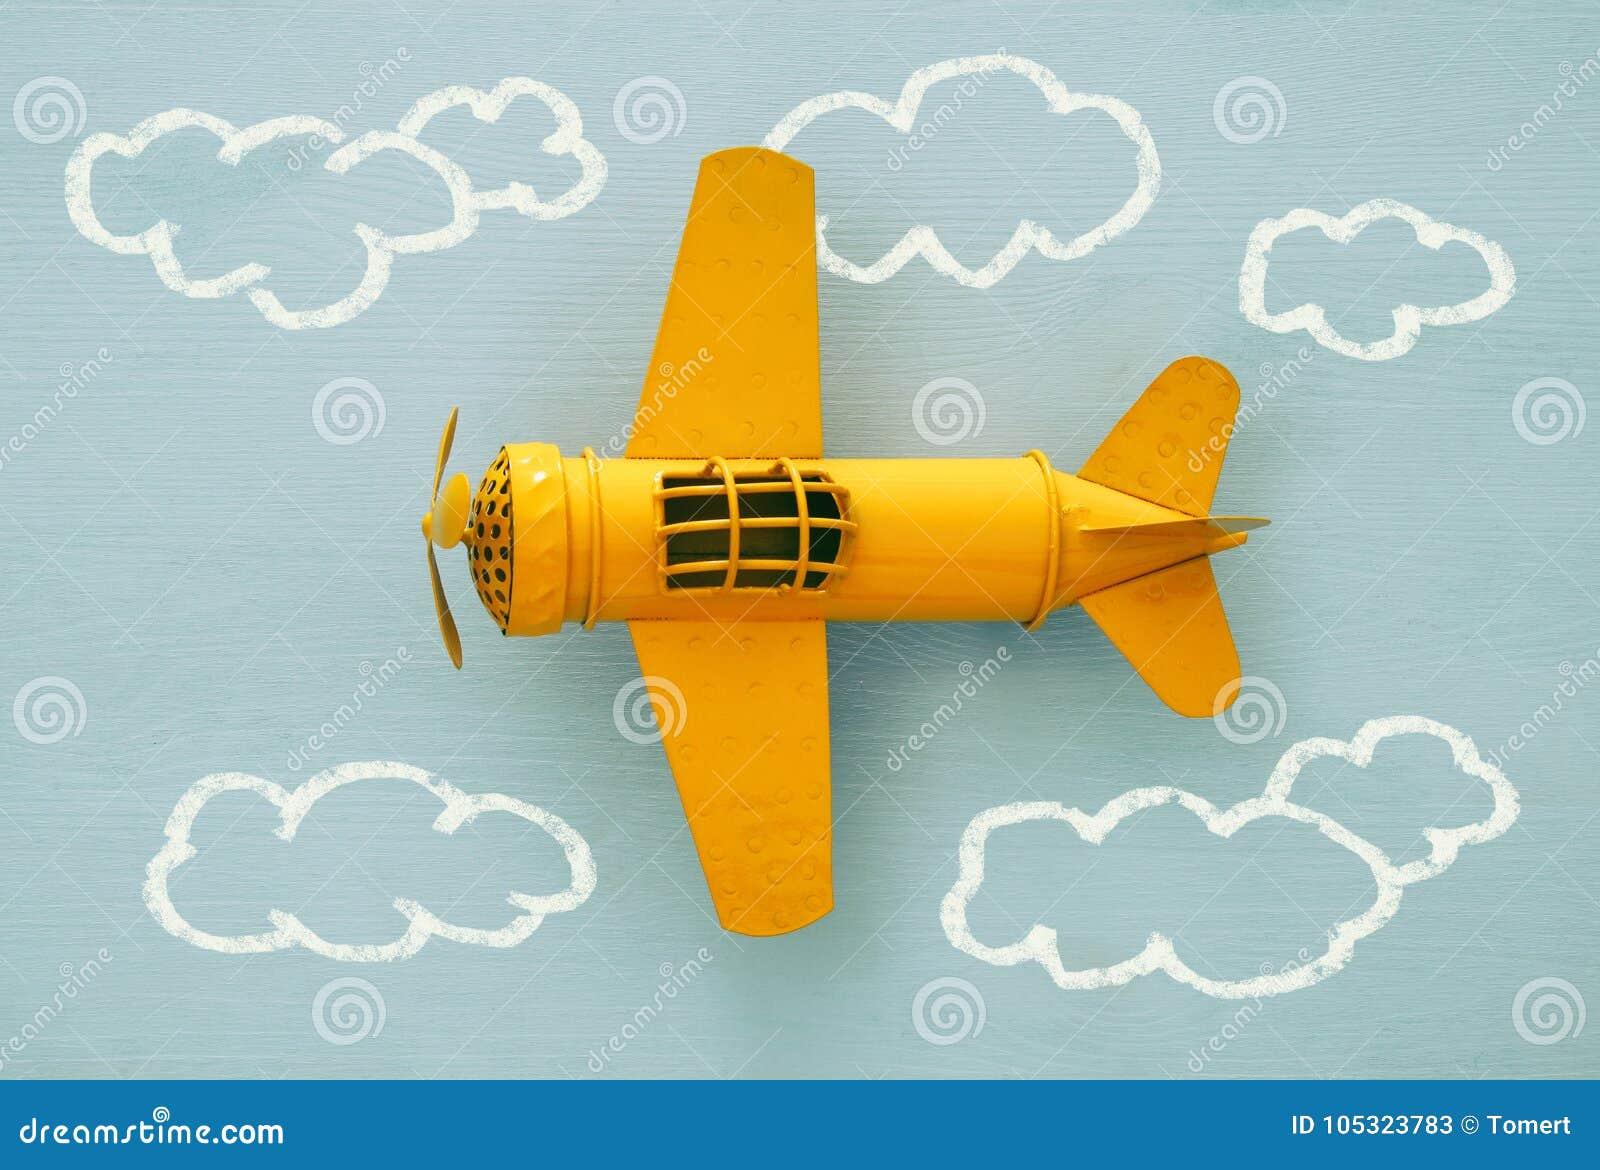 Concept verbeelding, creativiteit, het dromen en kinderjaren Retro stuk speelgoed vliegtuig met de schets van de informatiegrafie